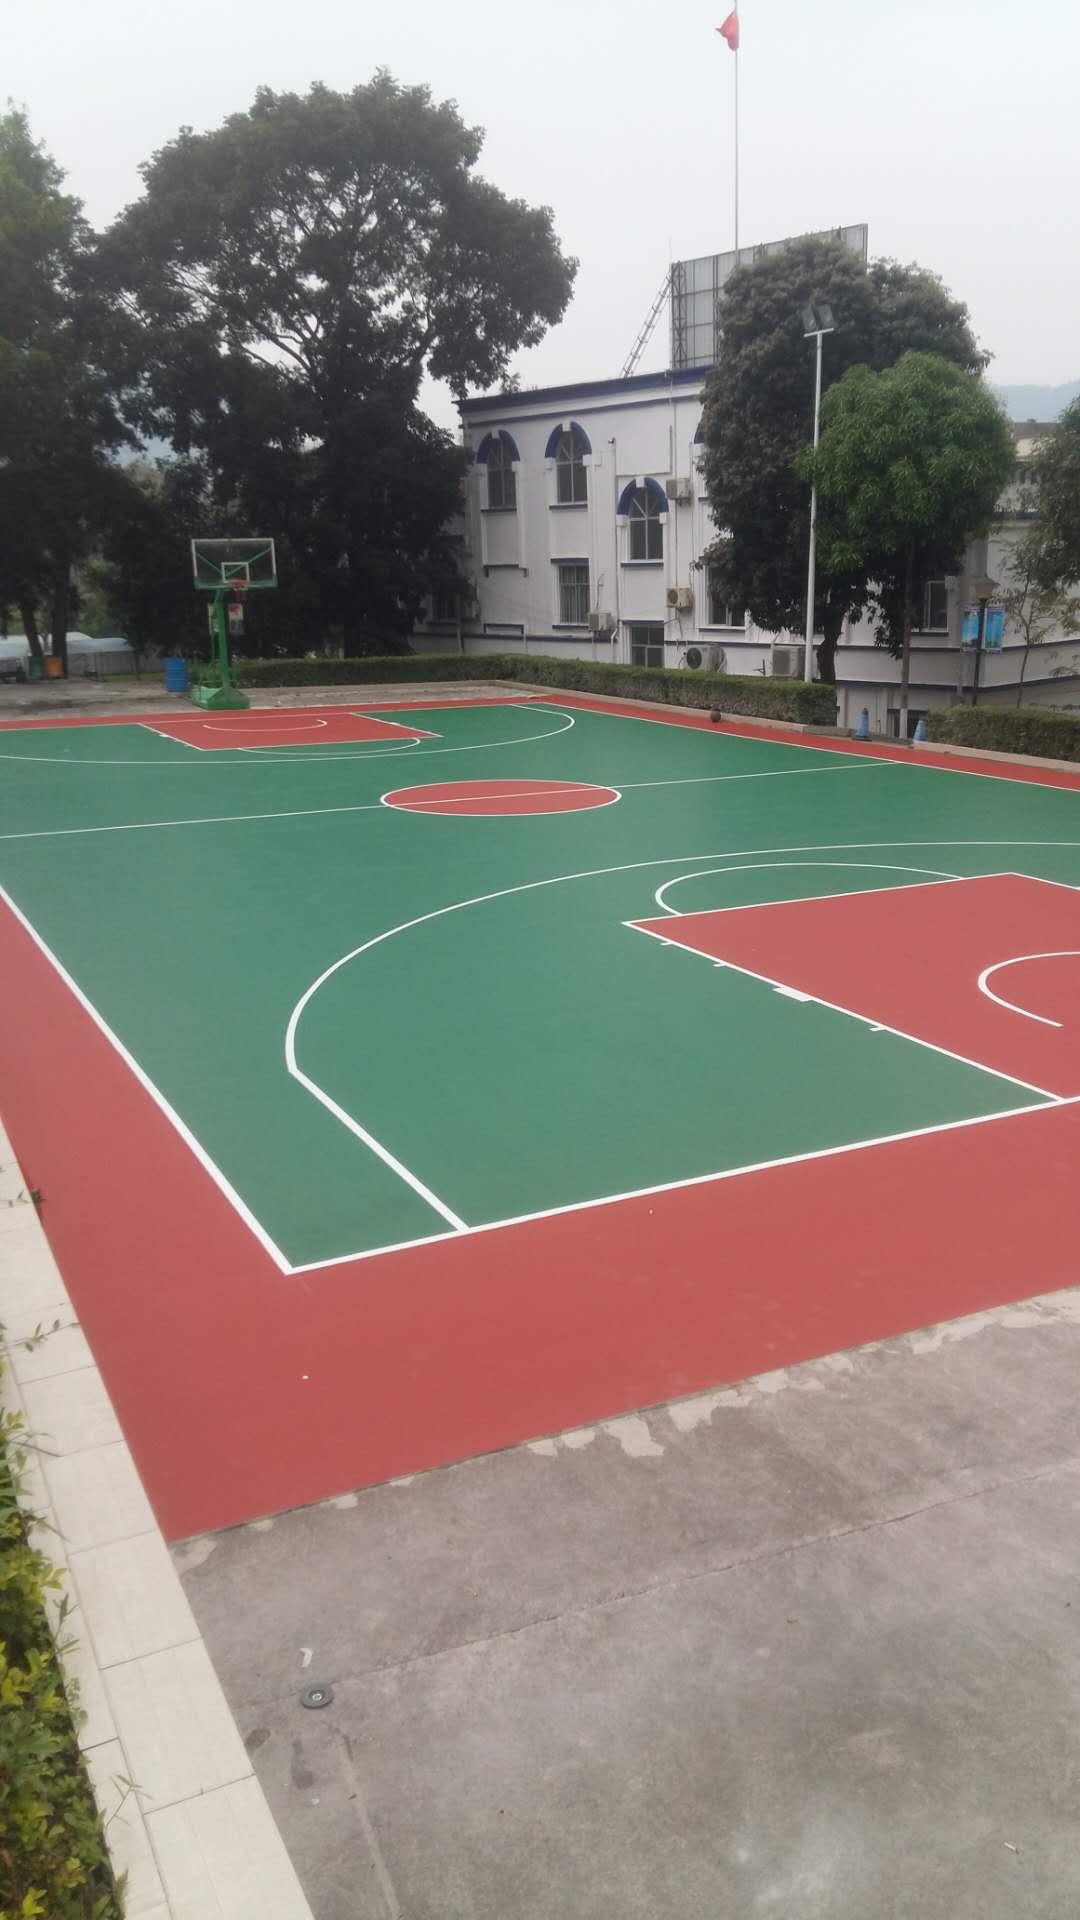 硅PU球场案例 2018崇左边防支队夏石边境检查站 硅PU篮球场